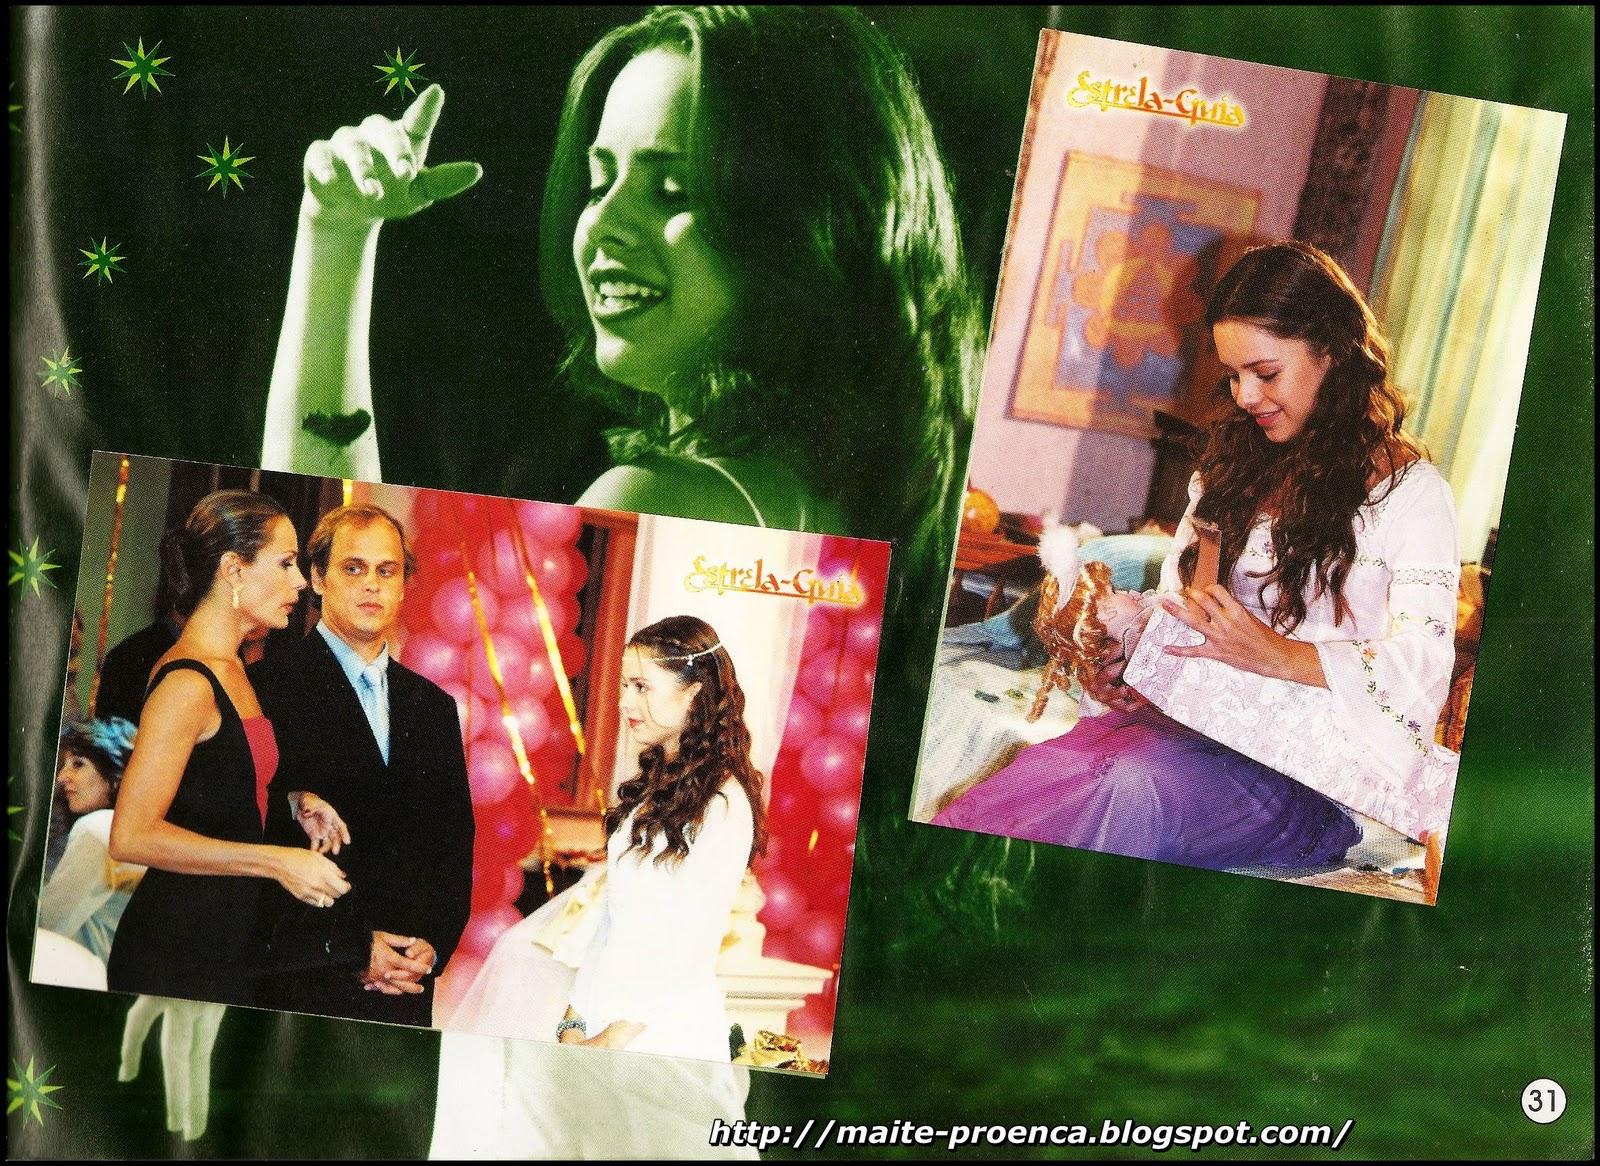 691+2001+Estrela+Guia+Album+(30).jpg